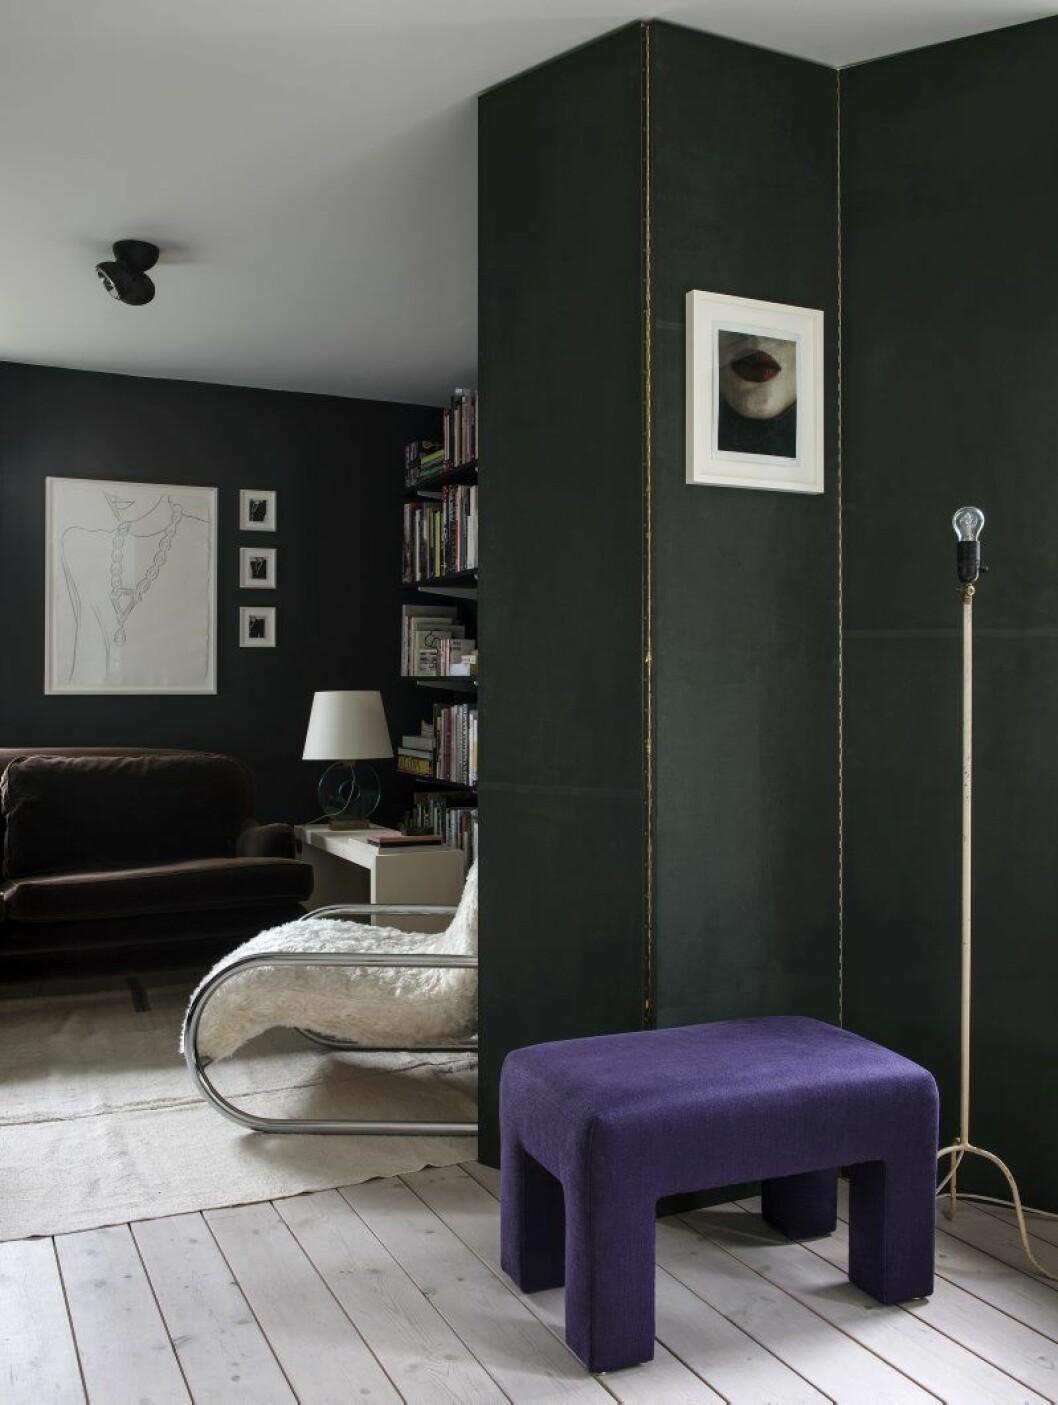 Egen textilklädd och målad vikskärm. Den lila pallen är ritad av den amerikanske möbeldesignern Milo Baughman, en av Daniels favoriter. Foto på skärm, Strömholm. Omklädd 70-talsfåtölj, sidobord i egen design, bordslampa, Jean-Michel Frank. Konst i bibliotek, Andy Warhol.